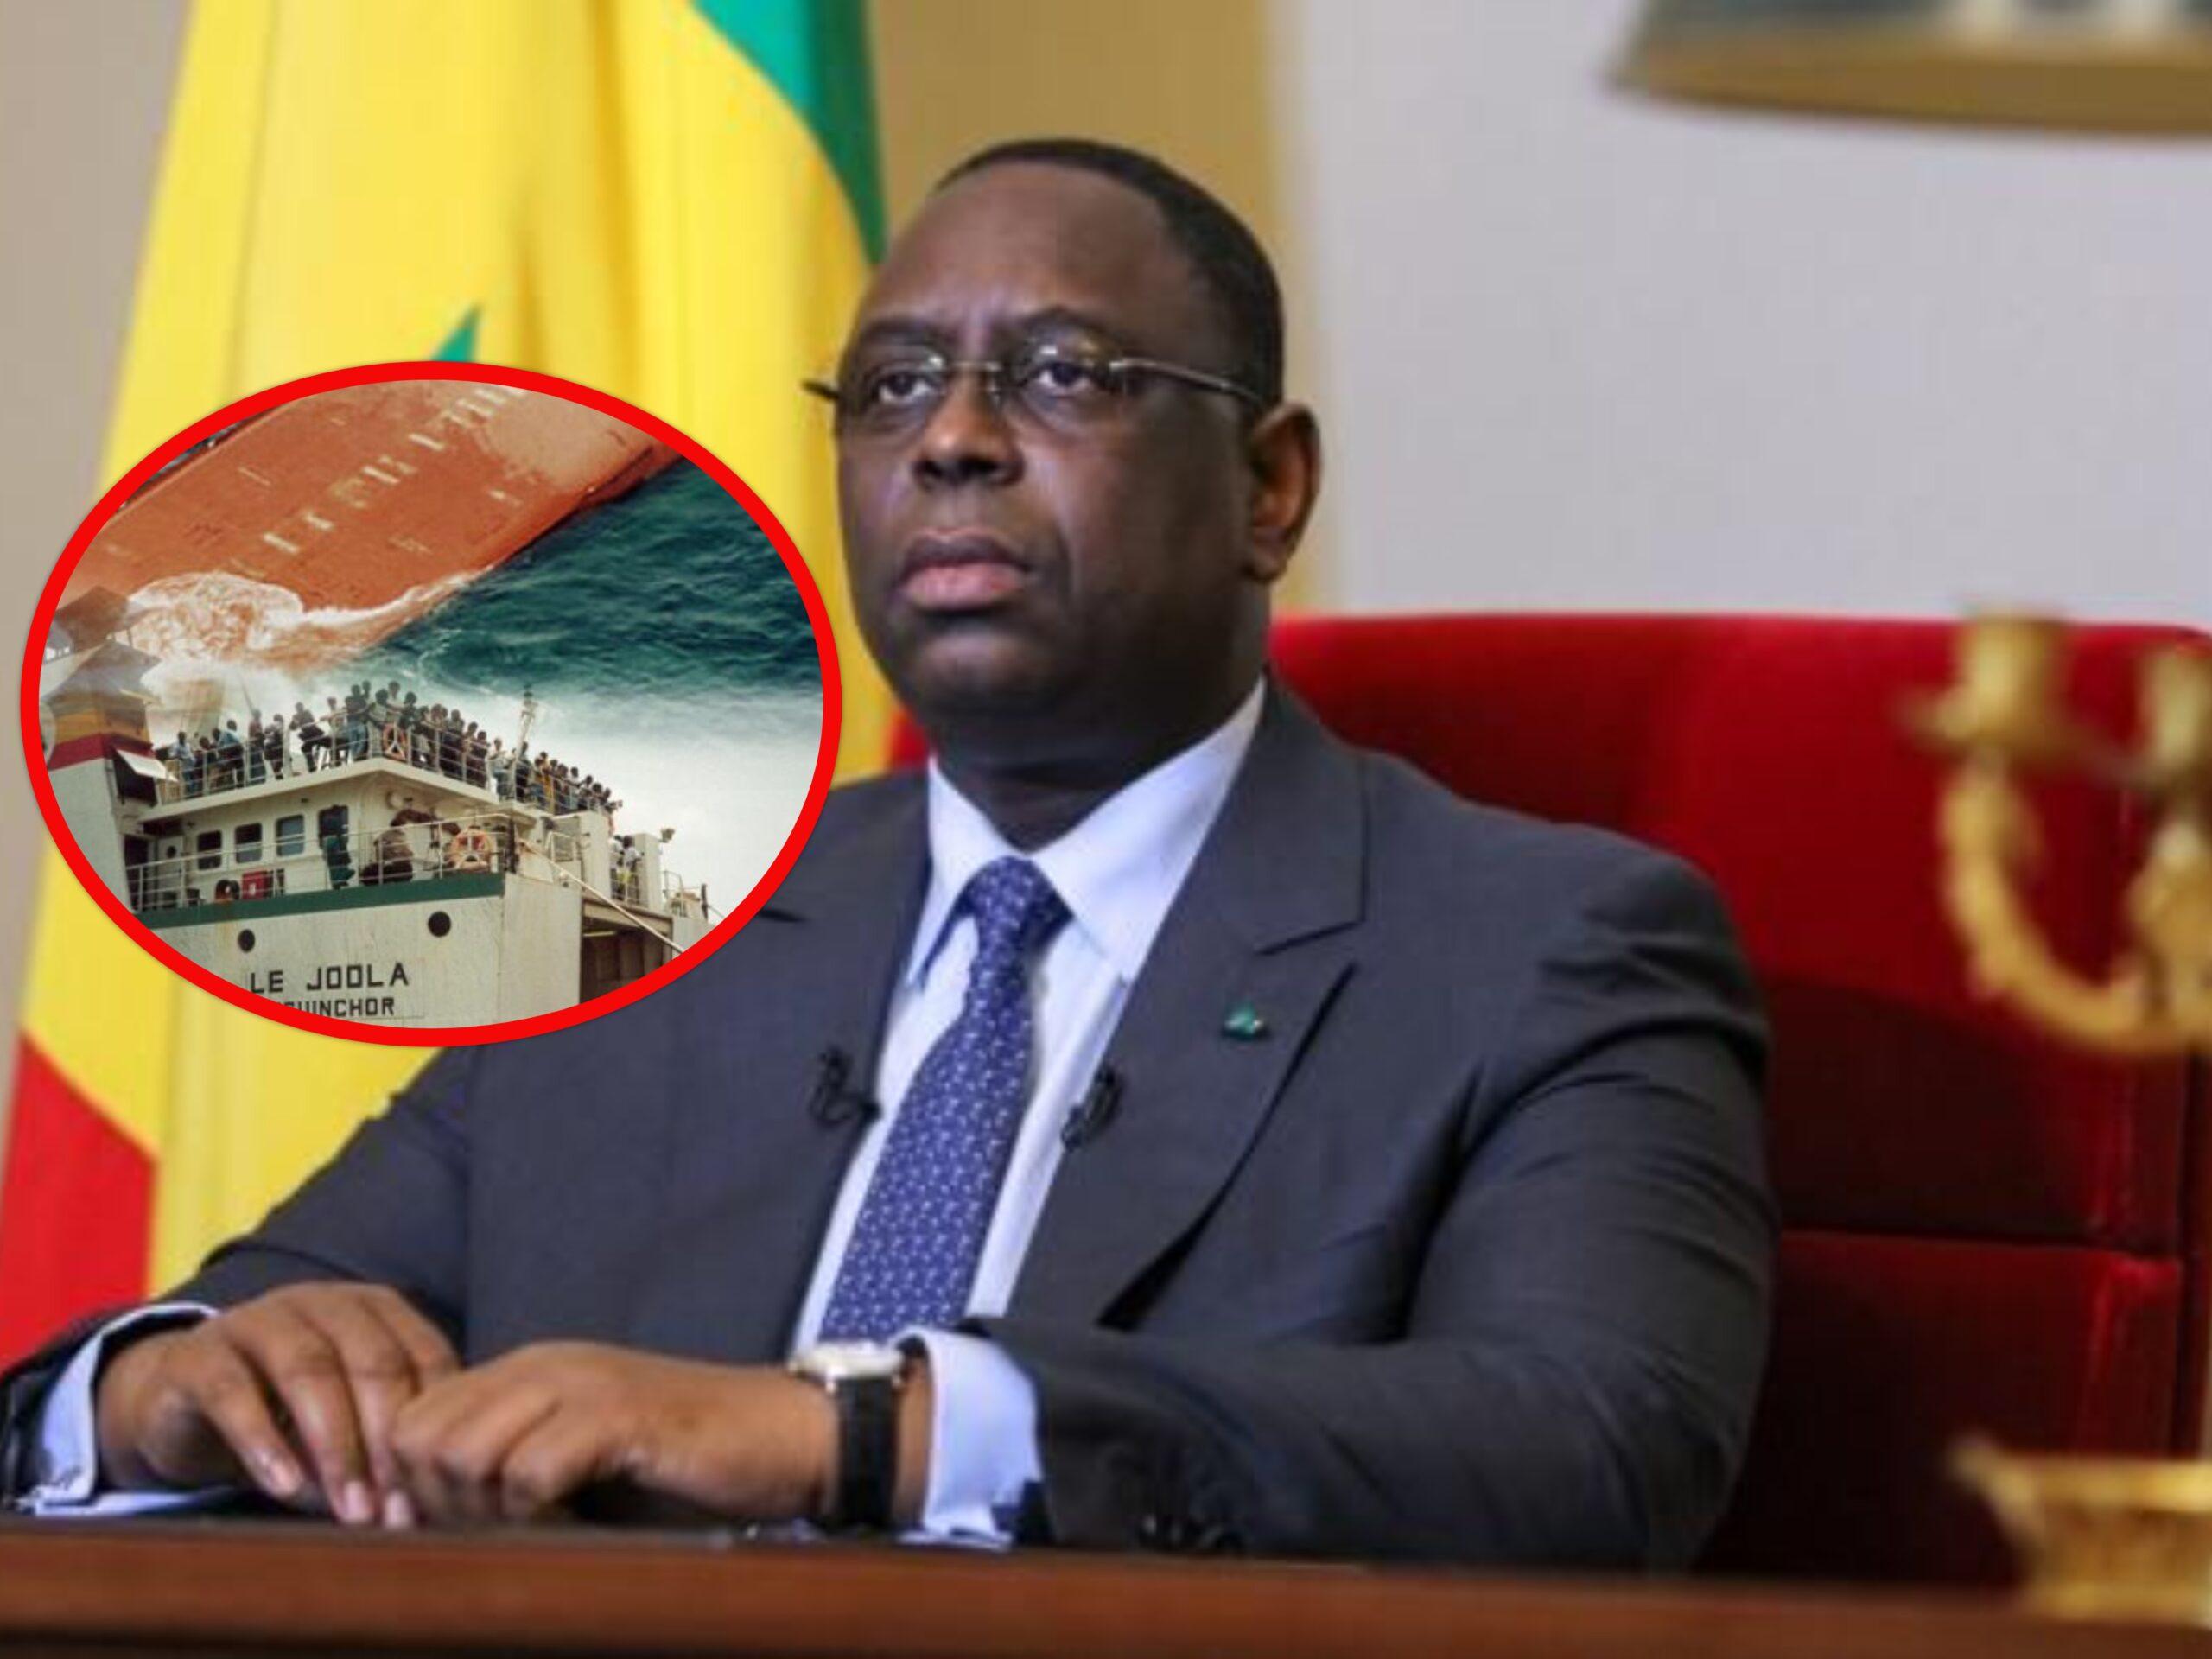 """20e anniversaire du naufrage du Joola: Macky annonce un """"musée mémoire"""" et un """"programme consensuel"""" avec les familles des victimes"""